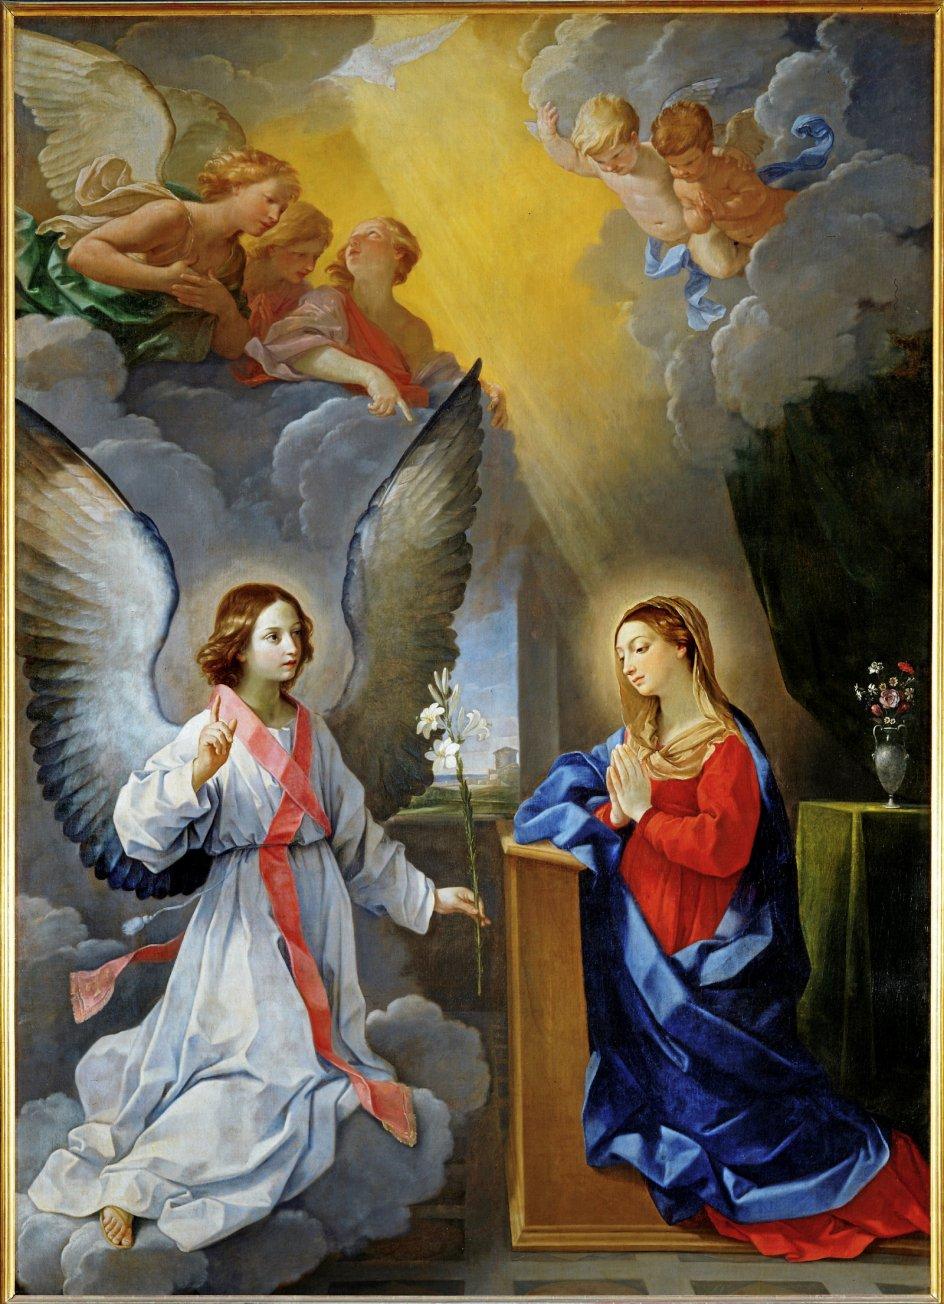 Her får jomfru Maria at vide, at hun skal føde Guds søn. Bebudelsesmotivet er et motiv, som mange kunstnere i tidens løb har fordybet sig i. – Foto: Ritzau/Scanpix.